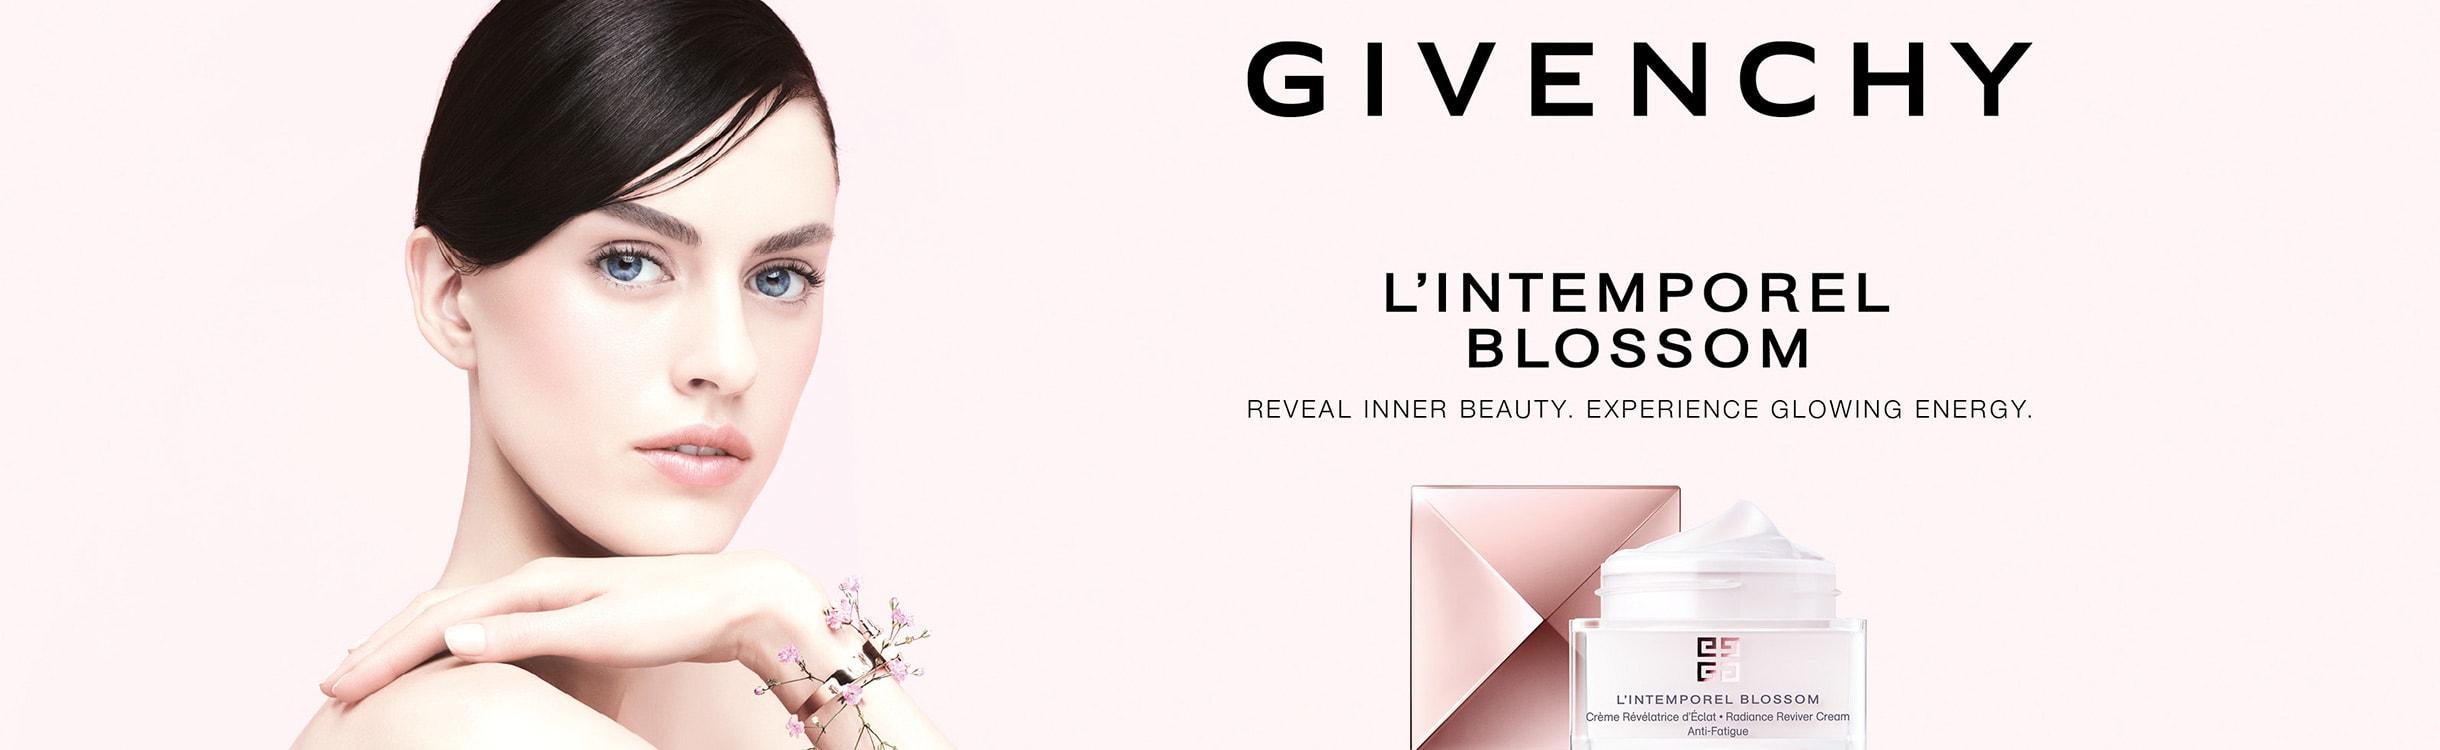 Maquiagem Facial Givenchy